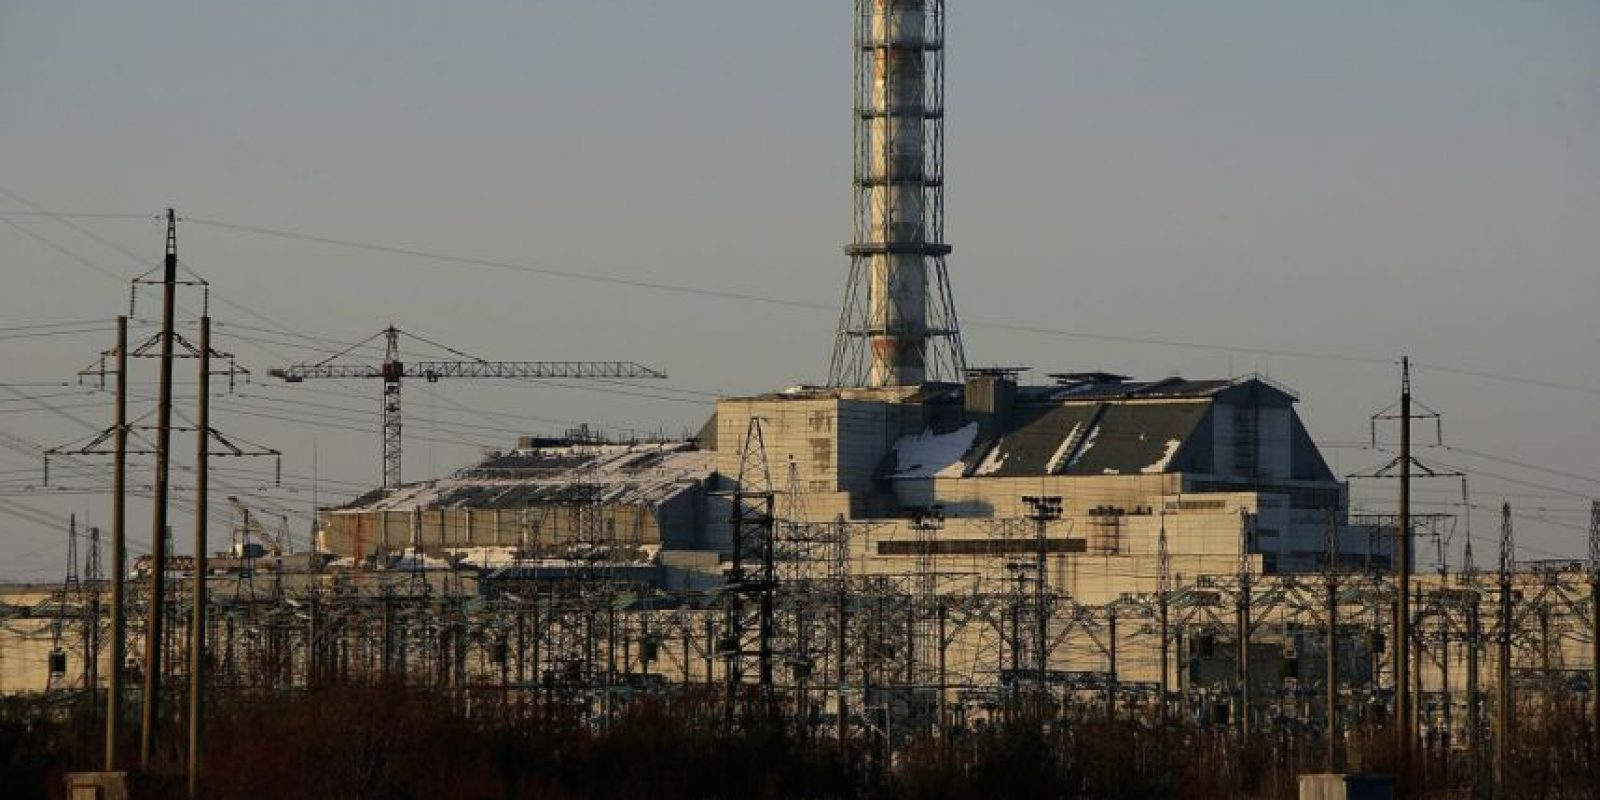 Ucrania sigue invertiendo en energía nuclear a pesar de las críticas de la comunidad internacional. Foto:Getty Images